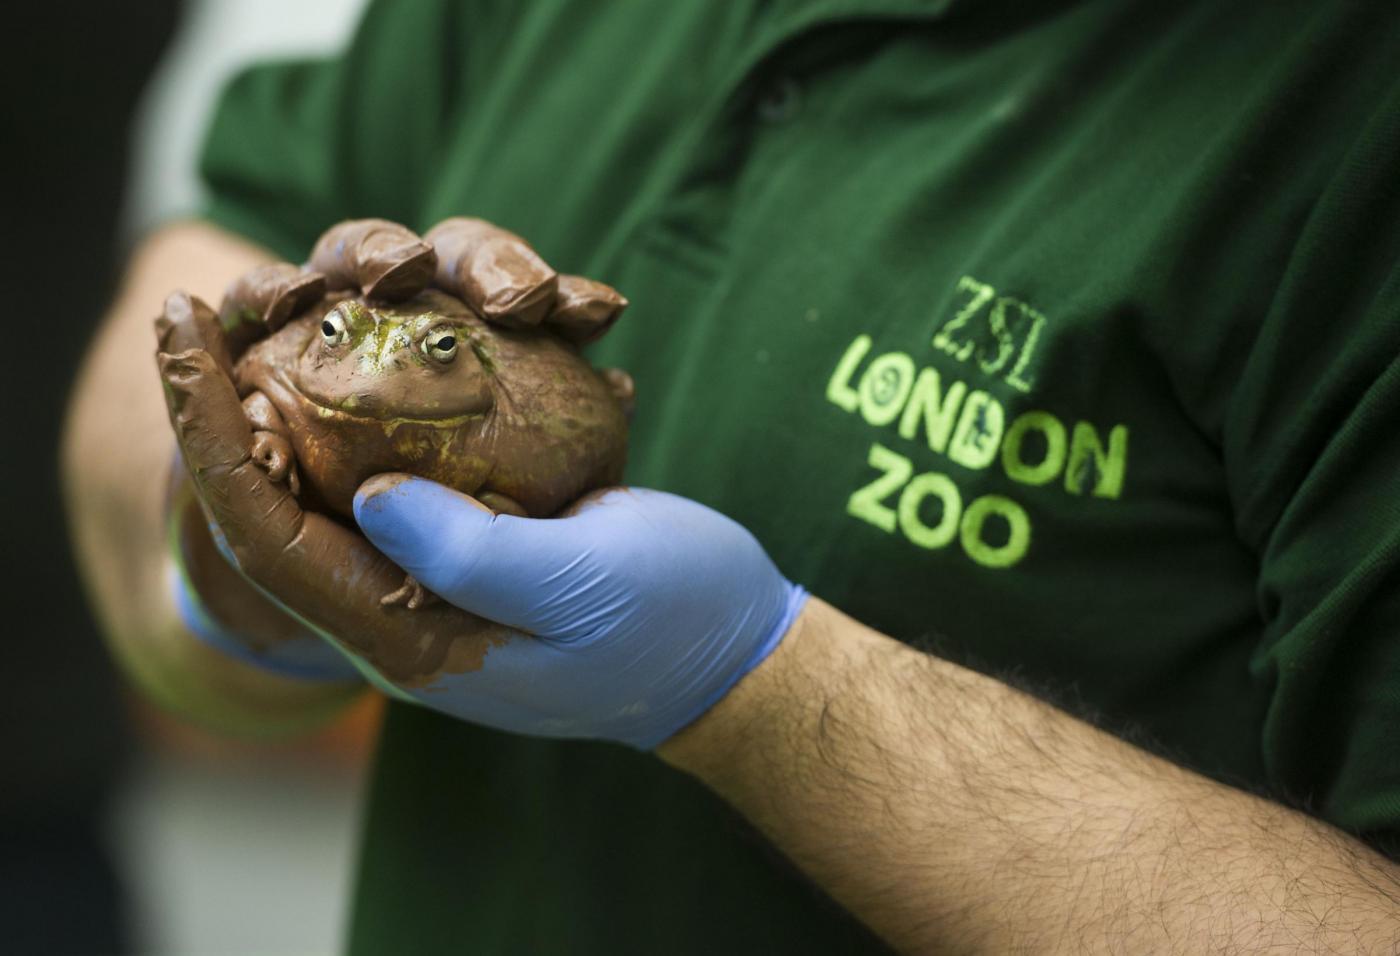 Annuale inventario allo Zoo di Londra05